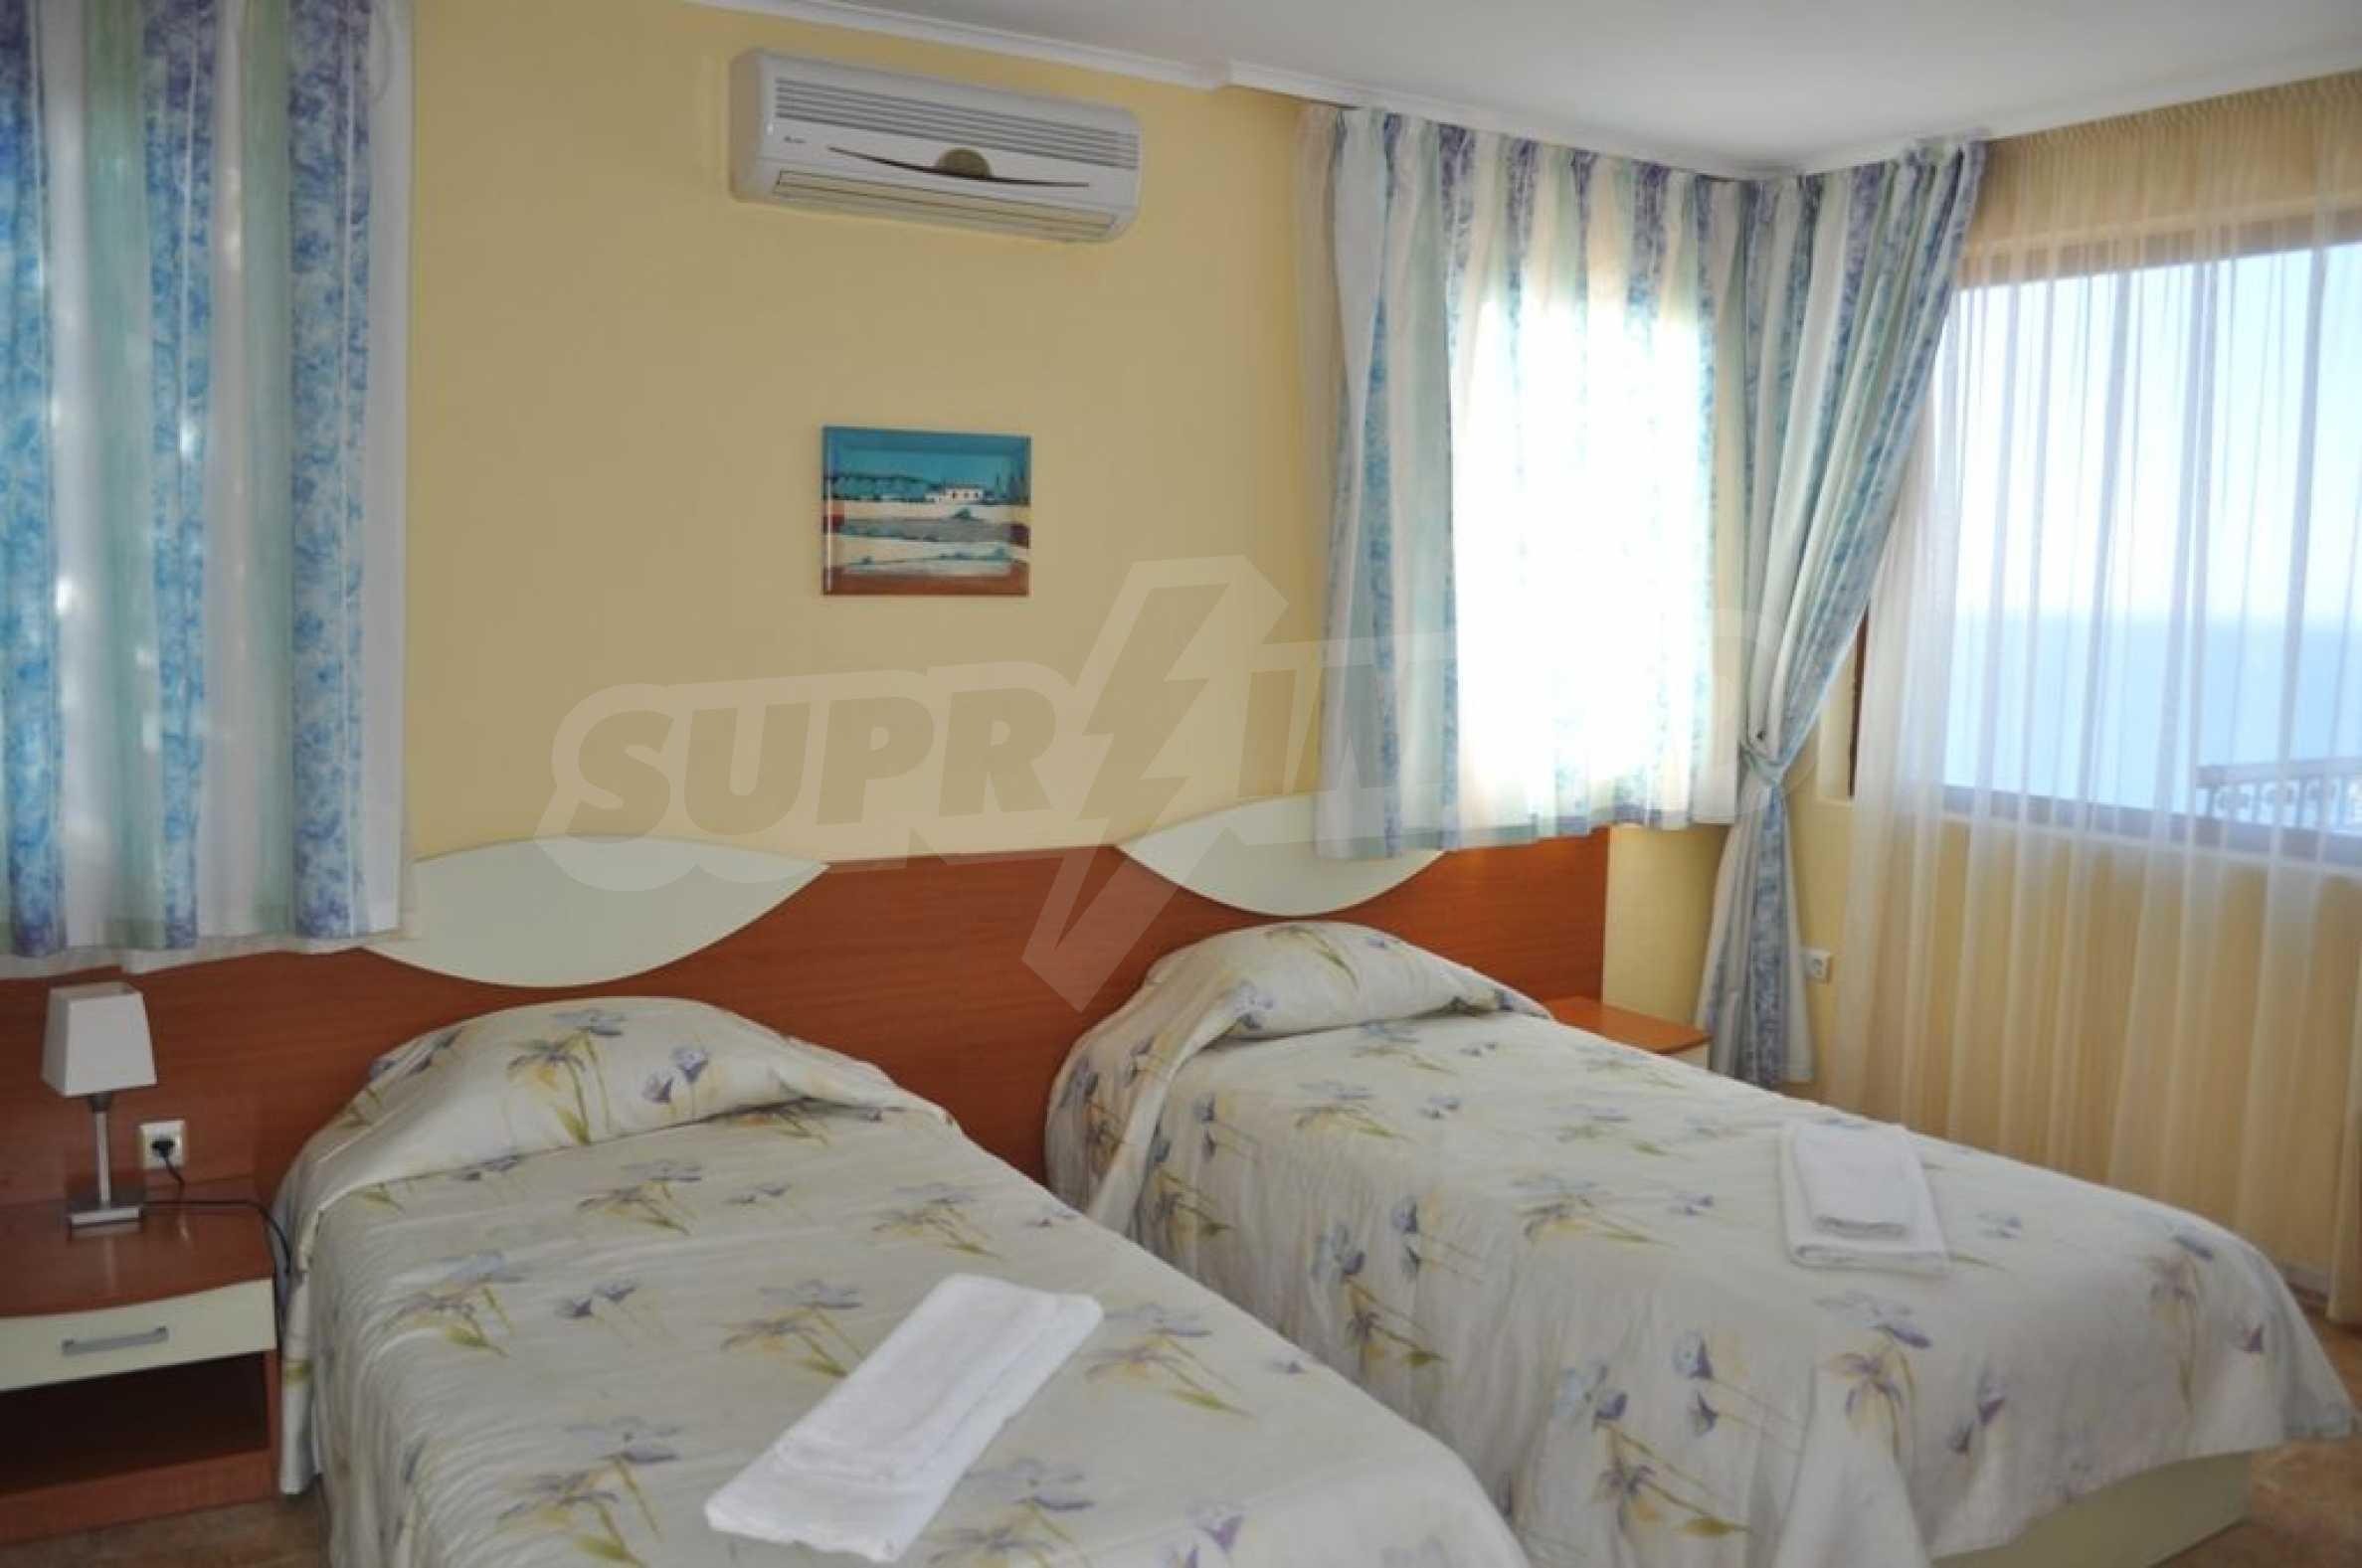 Villa mit Swimmingpool und 6 Schlafzimmern in der Nähe des Resorts Albena 17